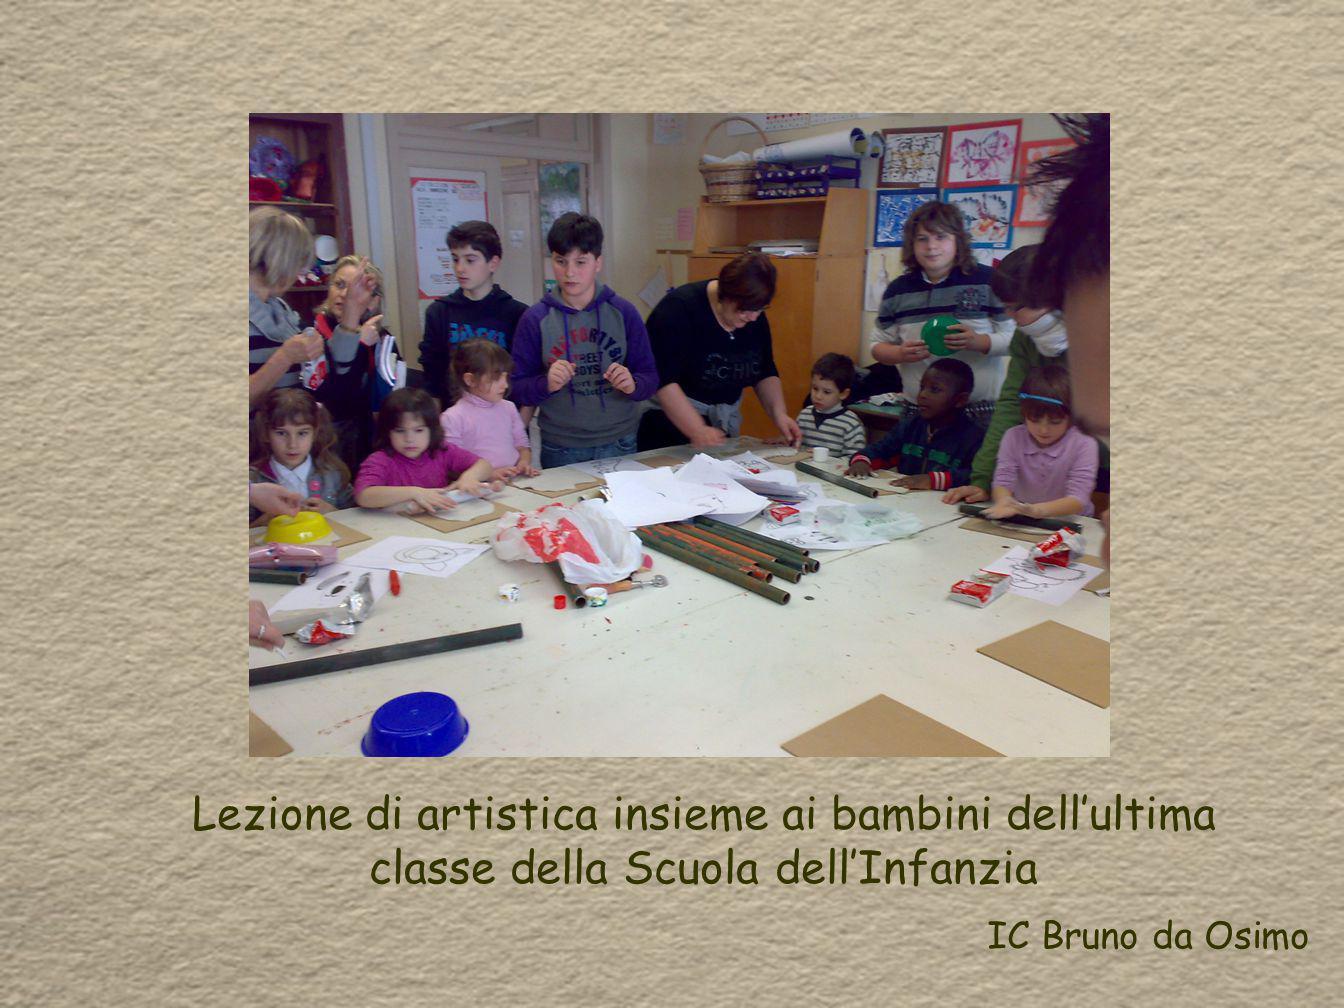 Lezione di artistica insieme ai bambini dell'ultima classe della Scuola dell'Infanzia